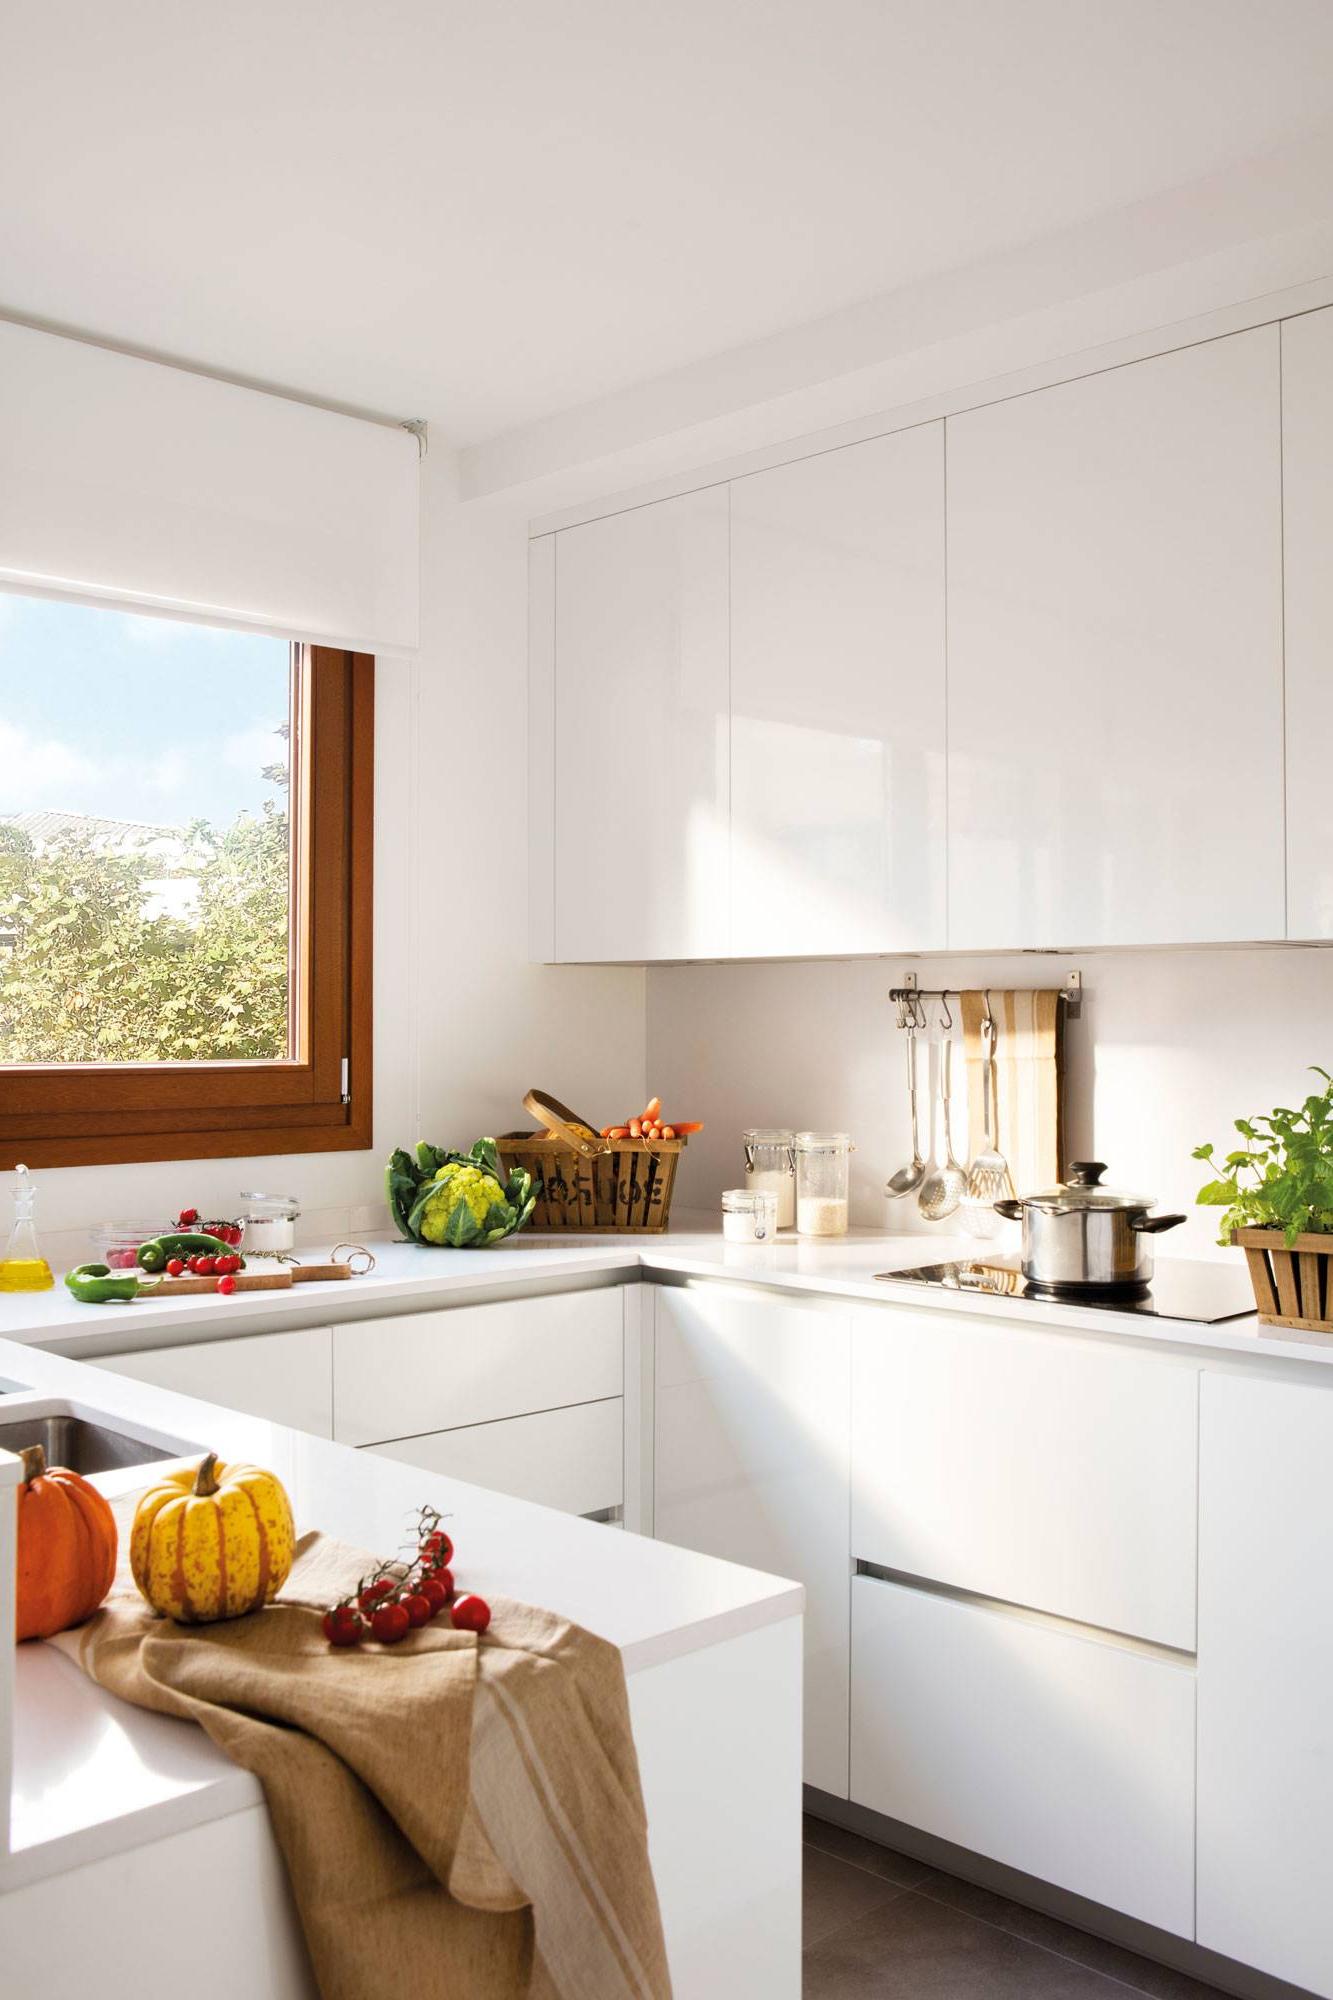 Muebles Blanco E6d5 Blanco El Mueble